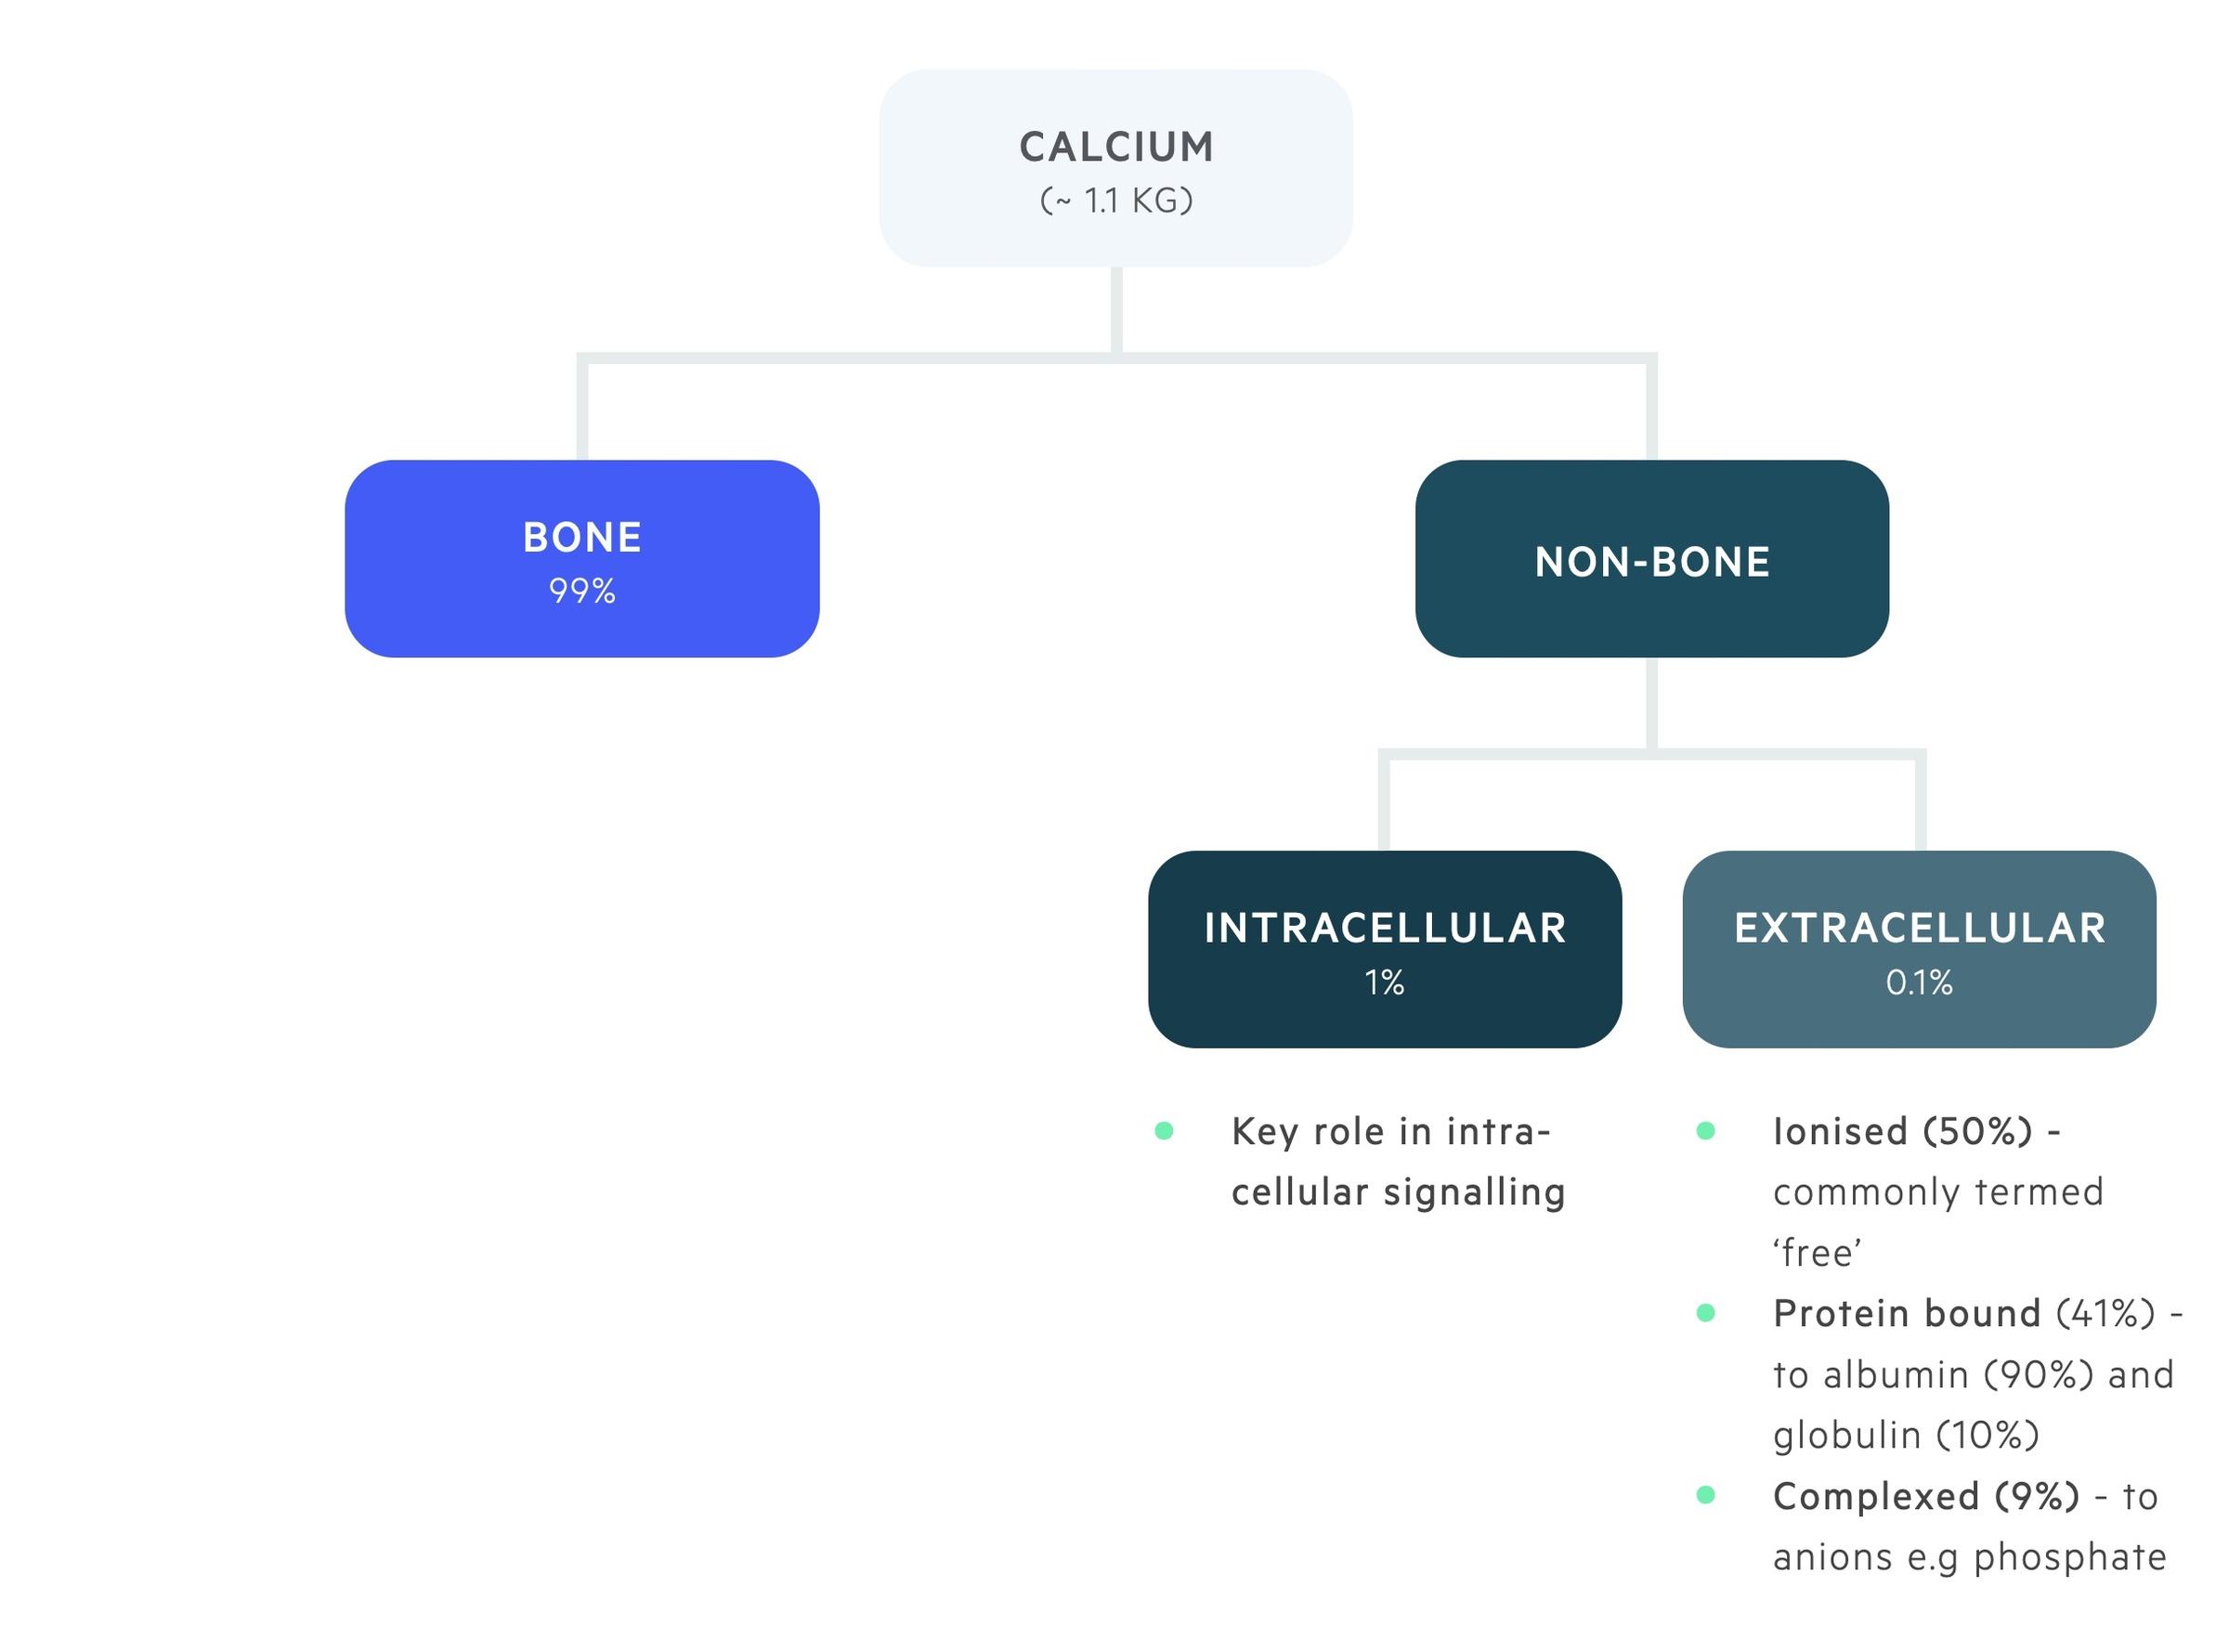 Calcium distribution